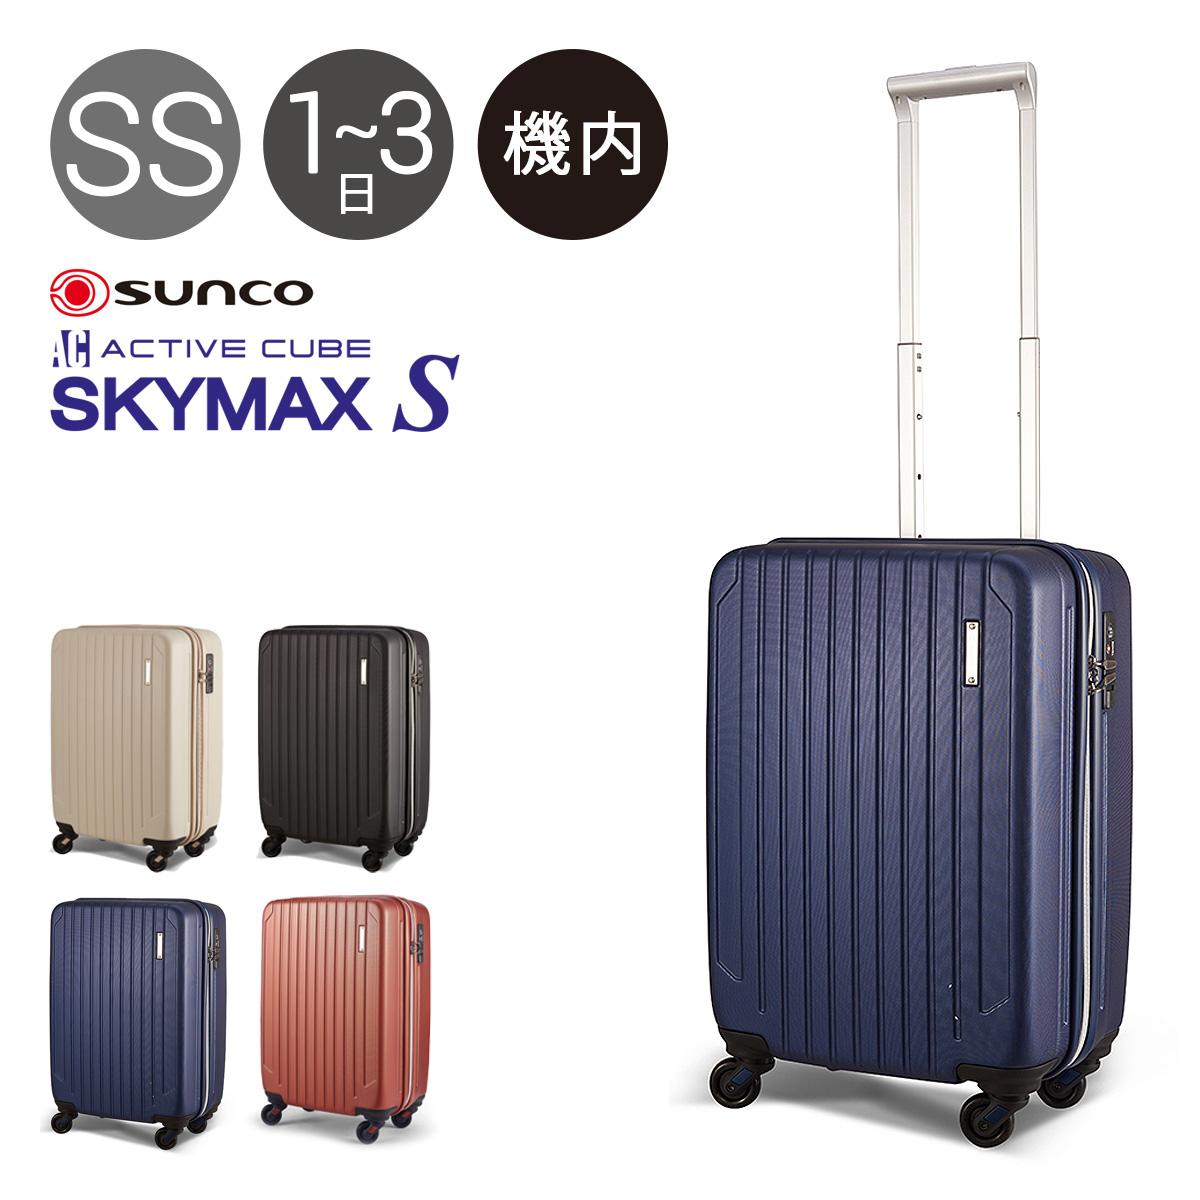 サンコー スーツケース SAAS-50 50cm 【 ACTIVE CUBE SKYMAX-S スカイマックス 】【 キャリーケース キャリーバッグ 機内持ち込み可 TSAロック搭載 】[bef][PO10][即日発送]